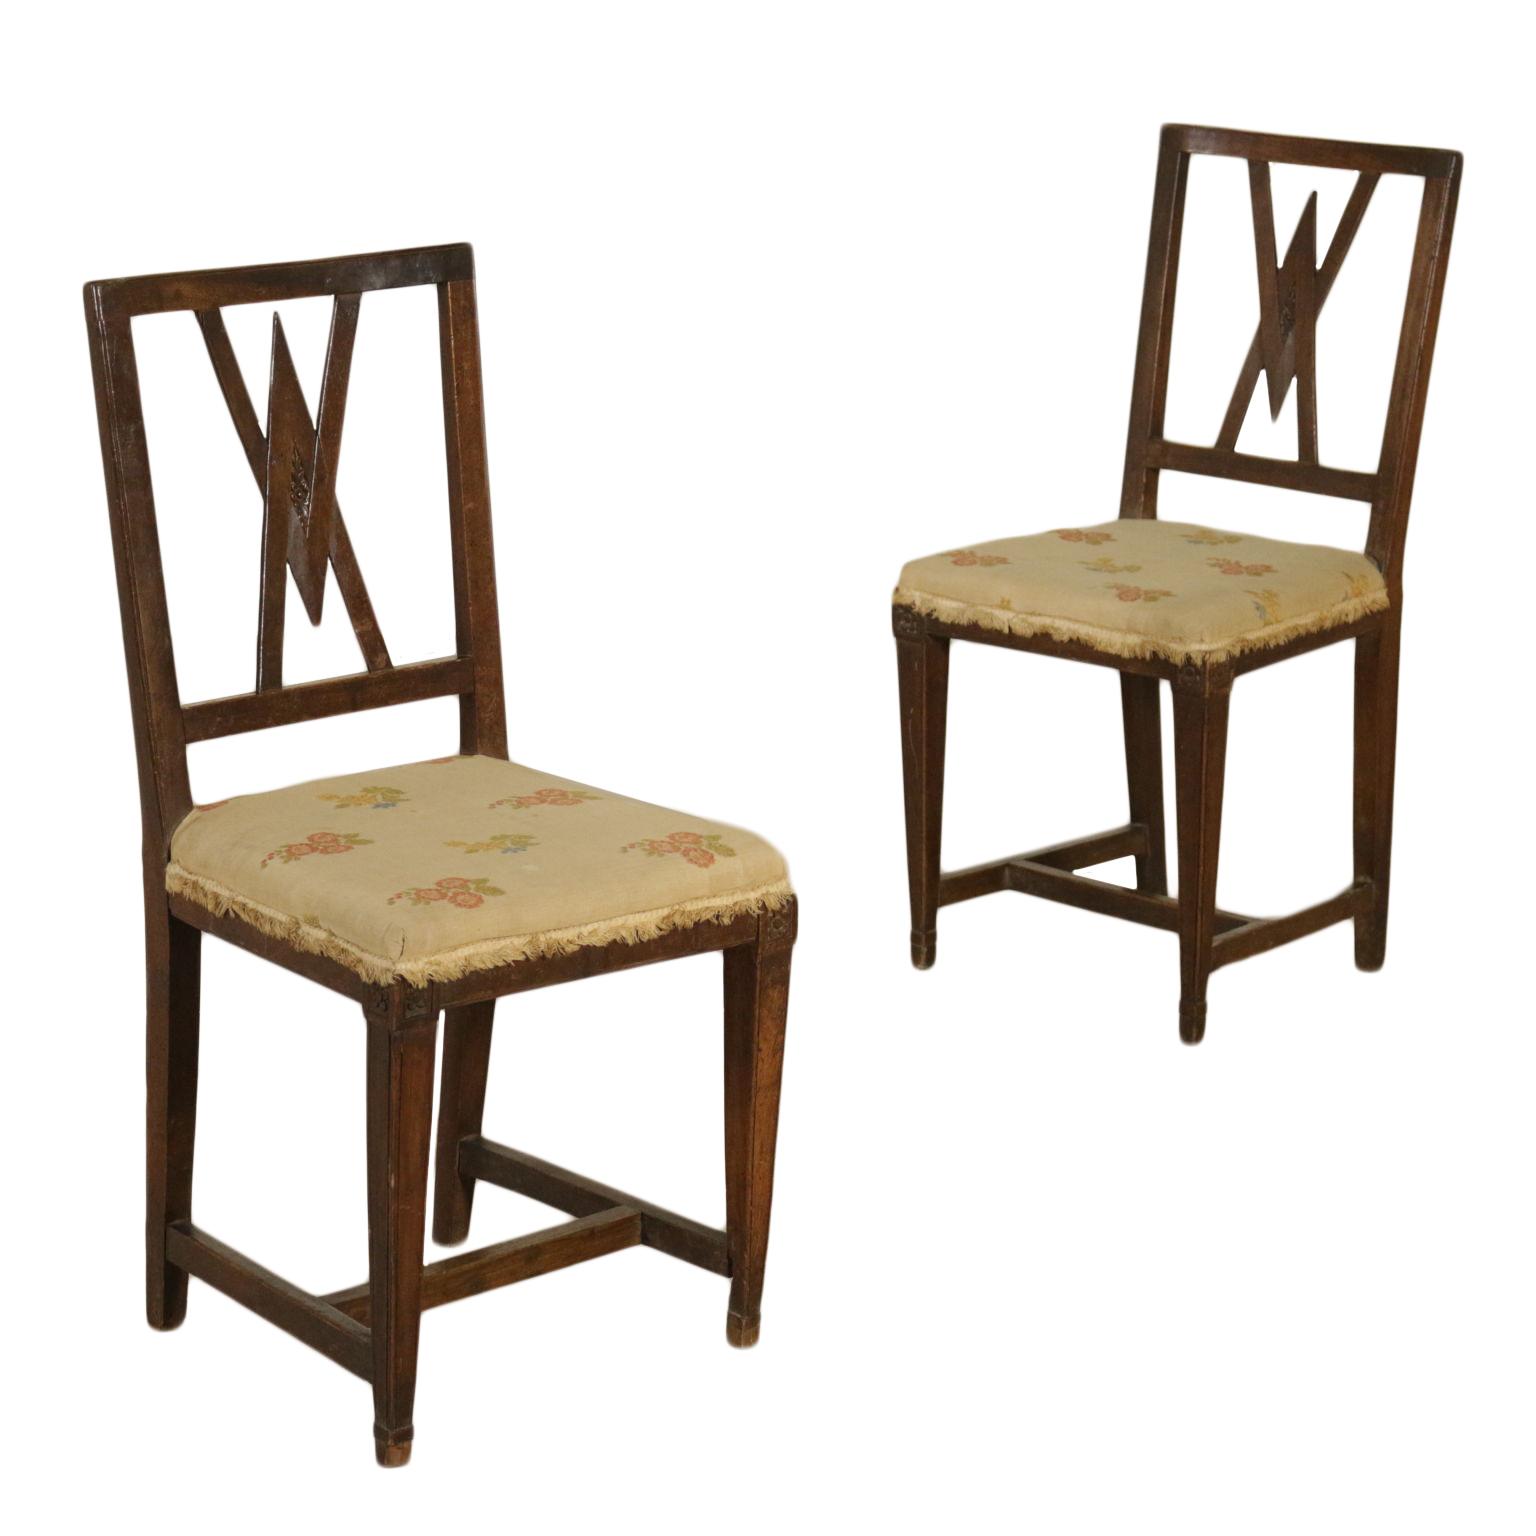 Sessel und stuhle for Thonet stuhle ubersicht